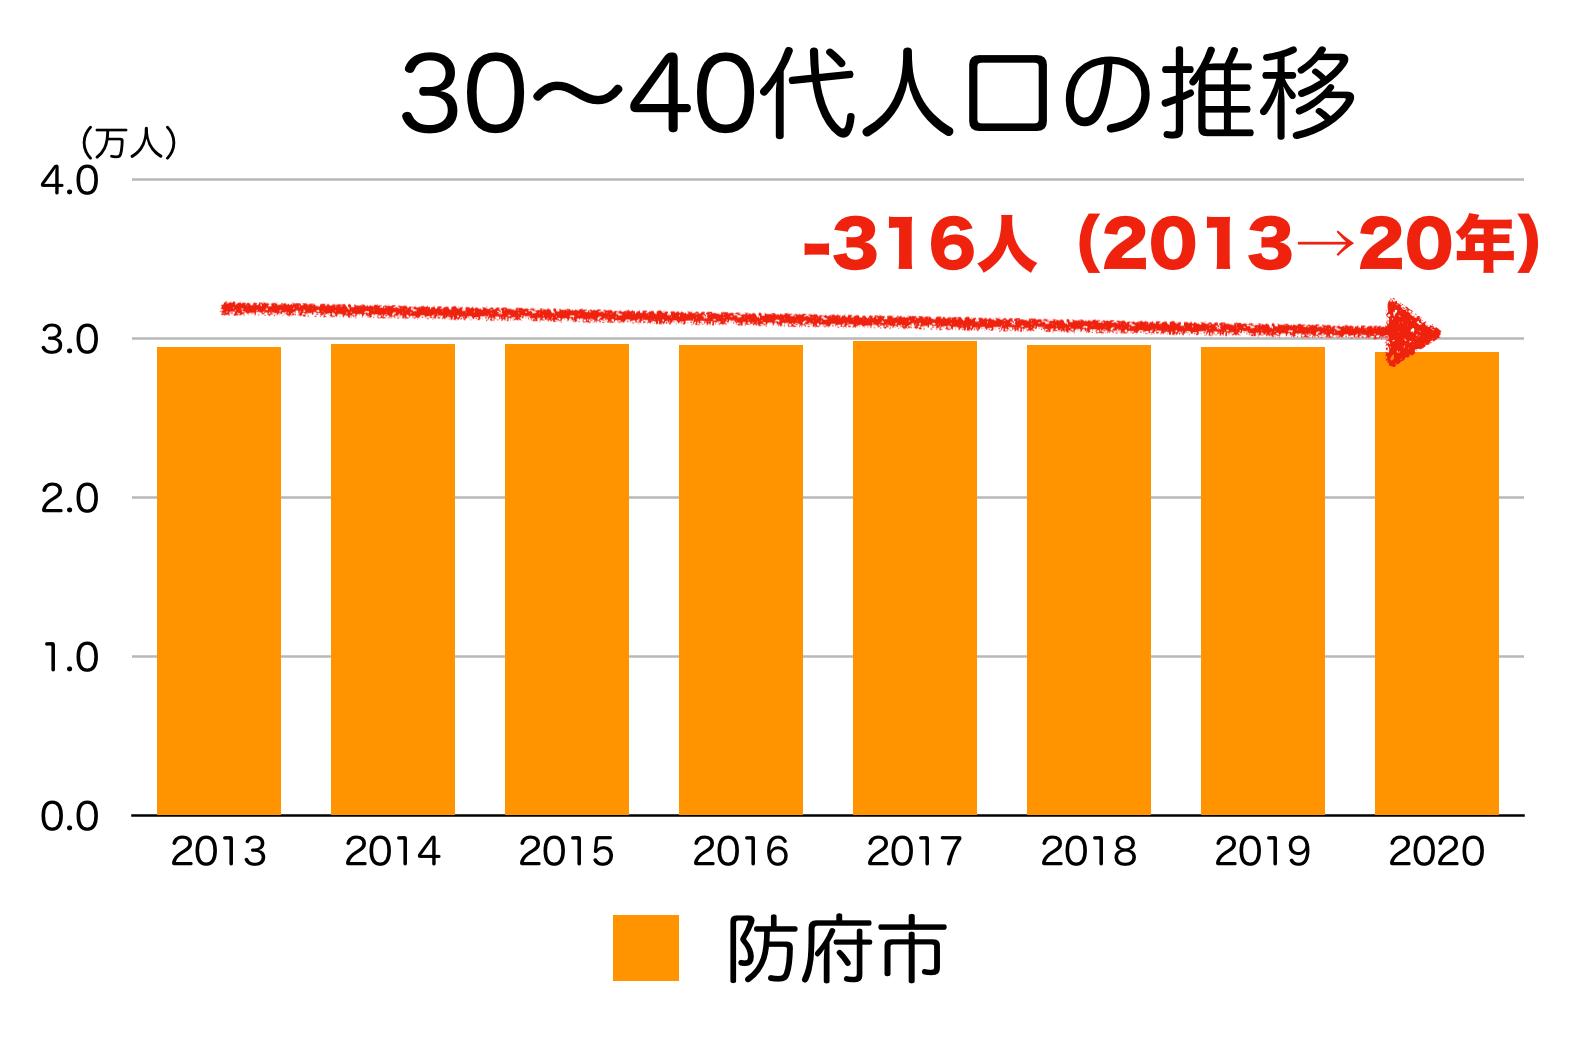 防府市の30〜40代人口の推移